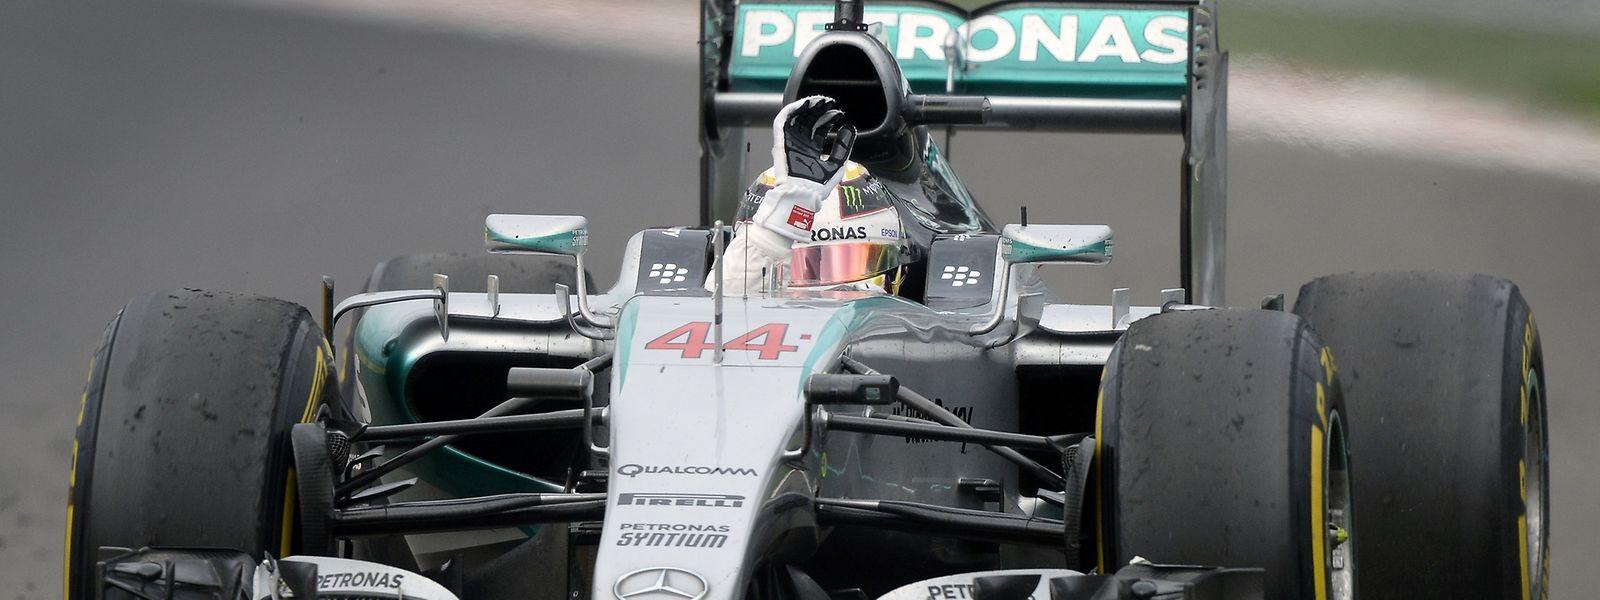 Mais uma vitória que coloca o piloto britânico perto do titulo